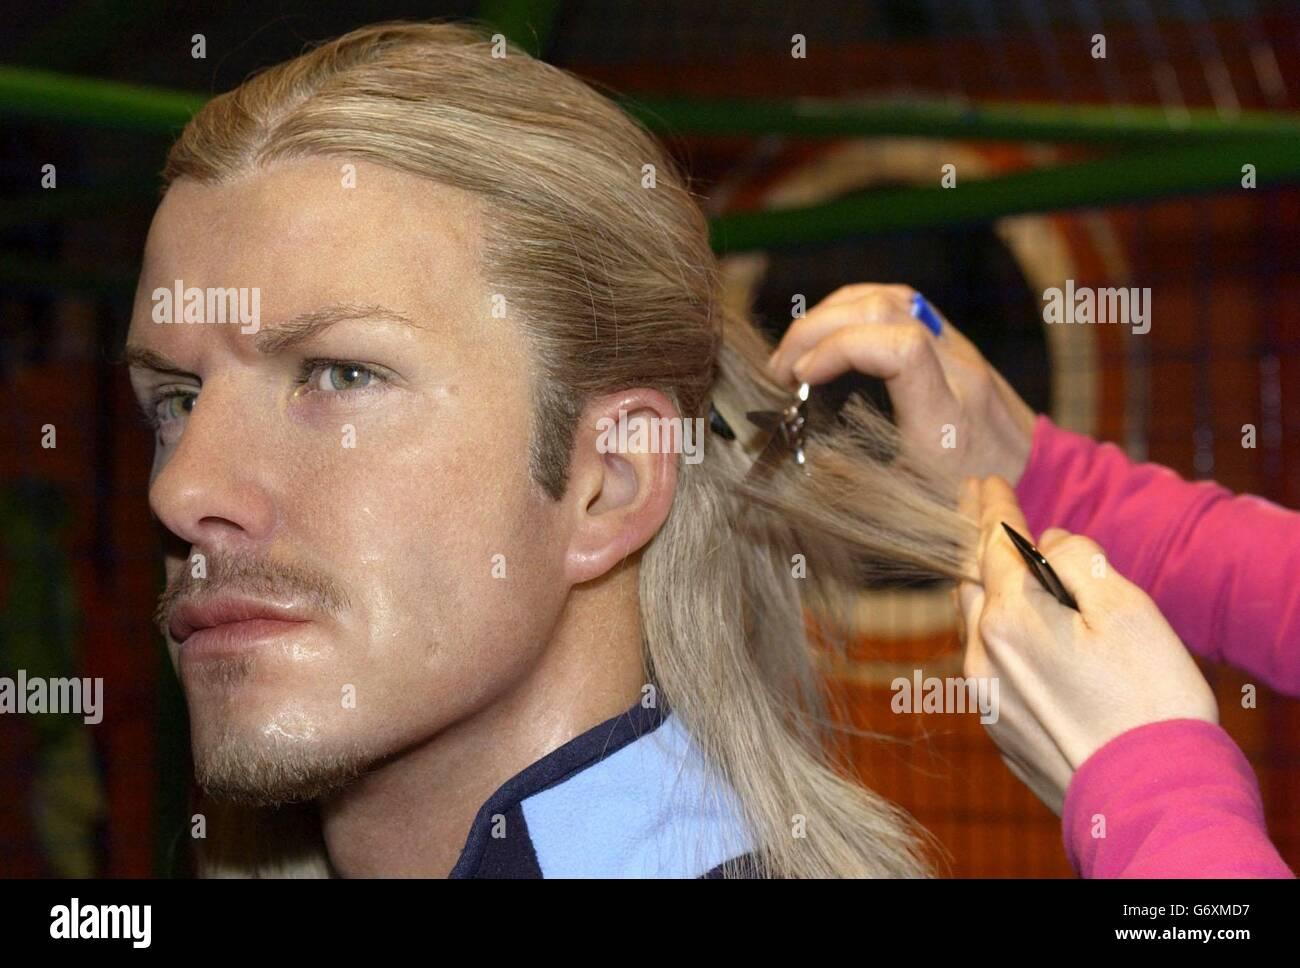 David Beckham Haircut Stock Photos David Beckham Haircut Stock